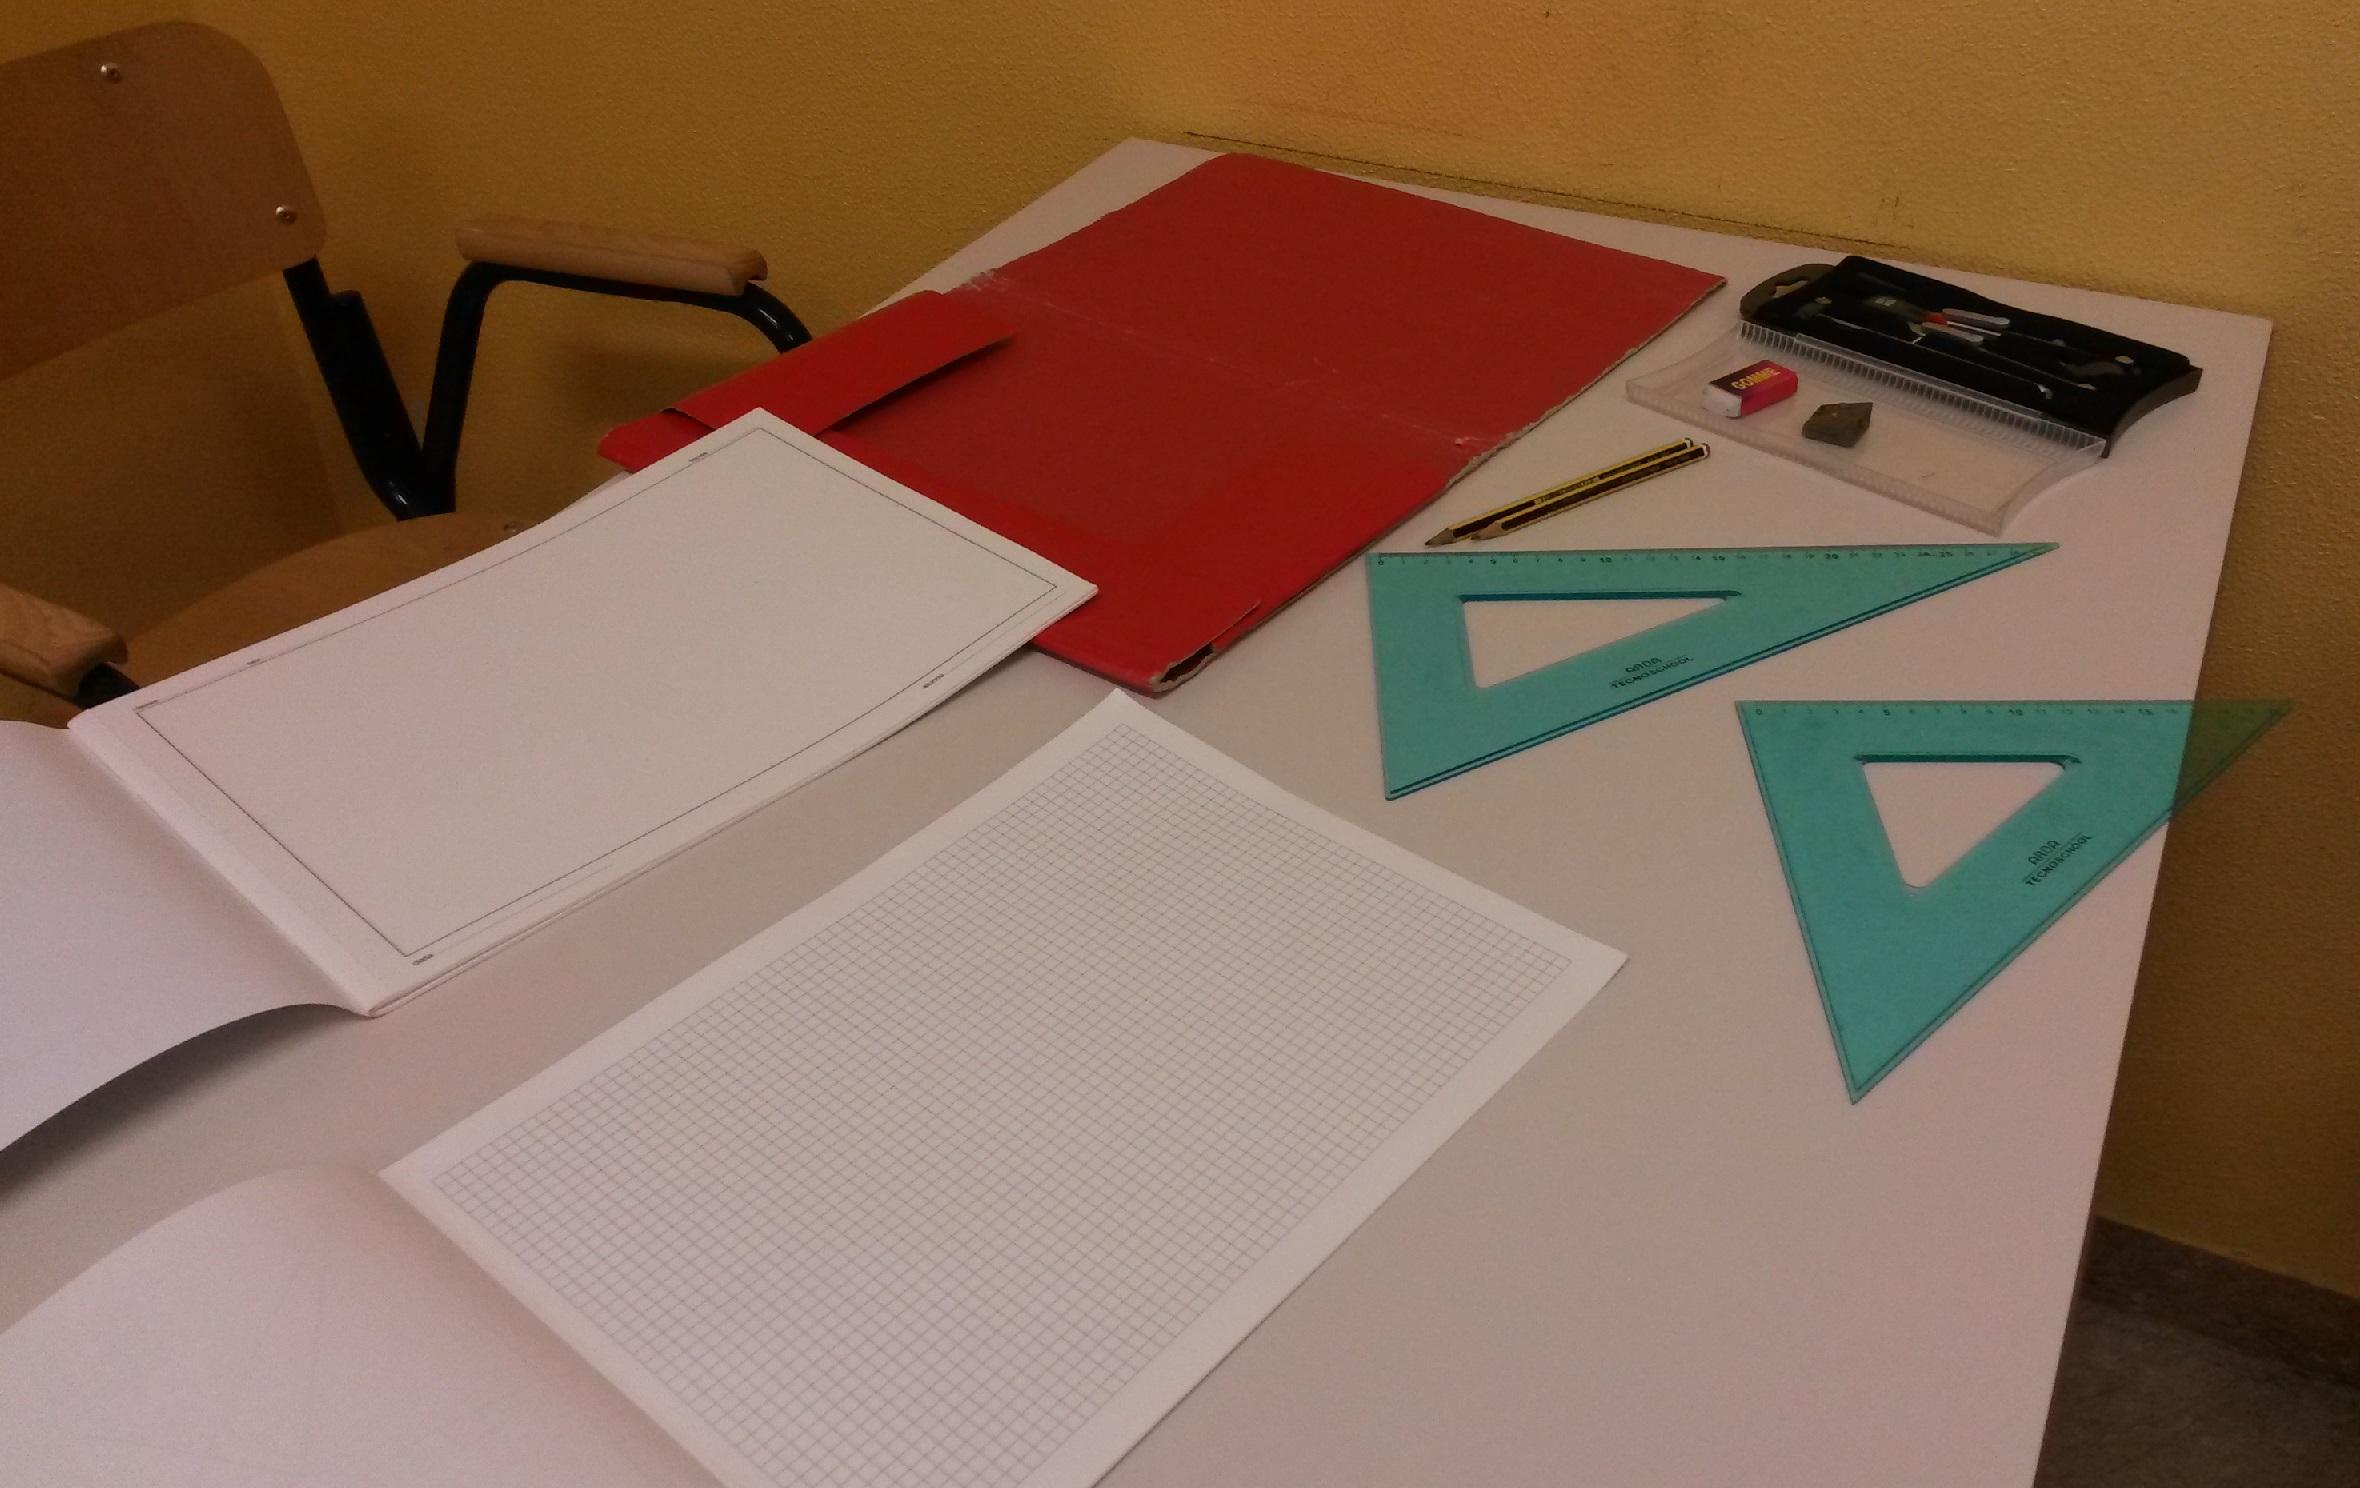 Il materiale per il disegno tecnico